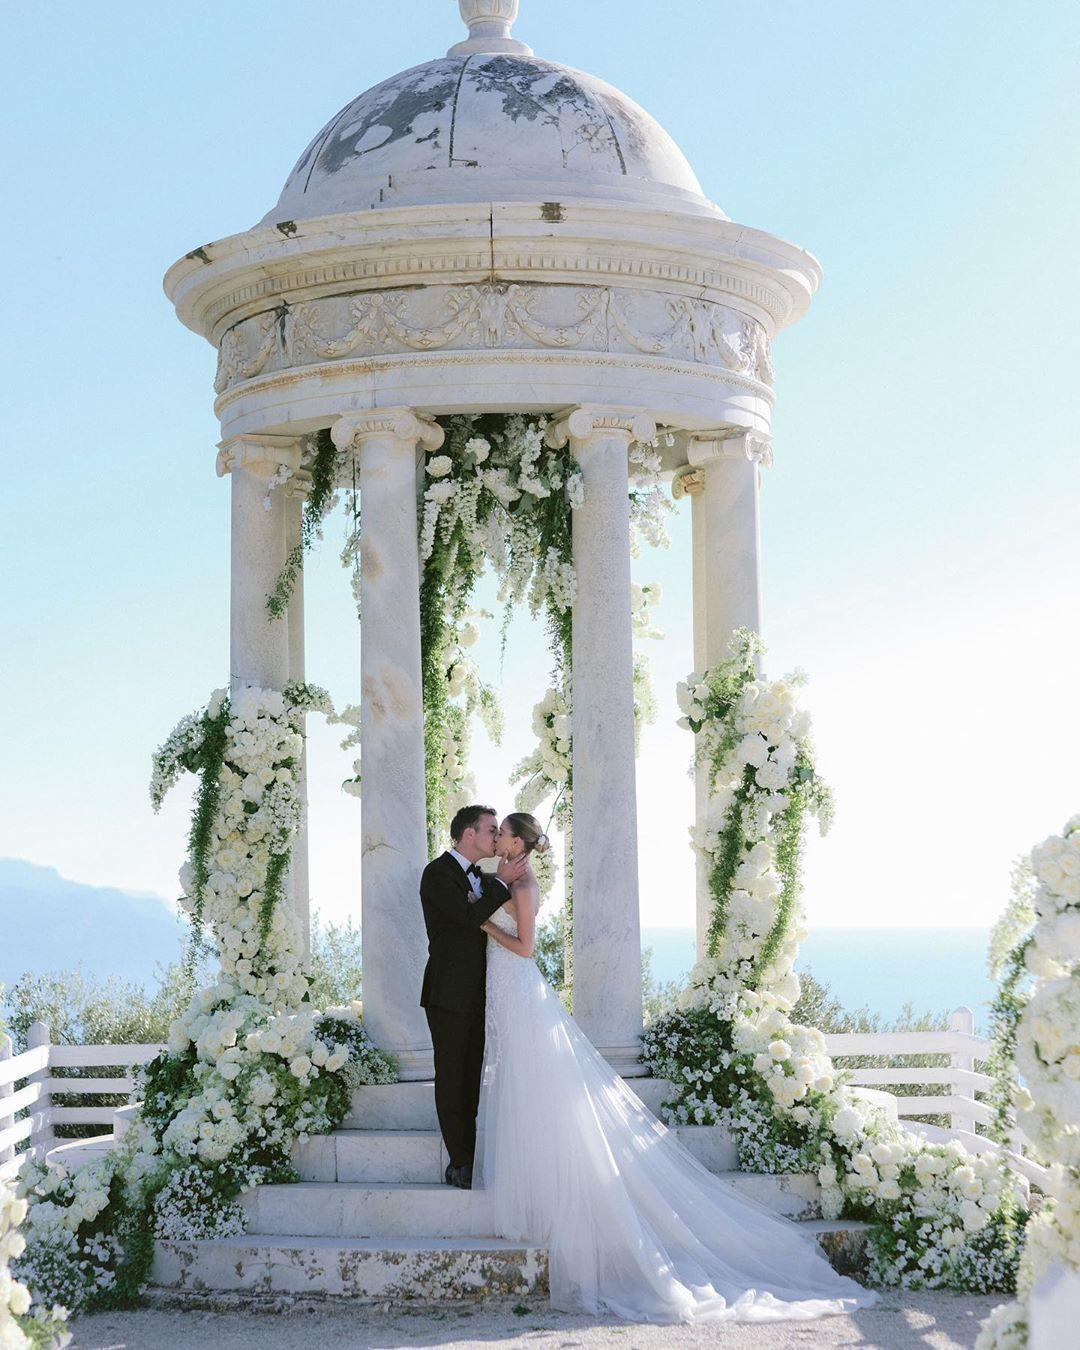 Hochzeitsfoto Mario Gotze Zeigt Seine Ann Kathrin Im Brautkleid With Images Lebanese Wedding Wedding Second Wedding Anniversary